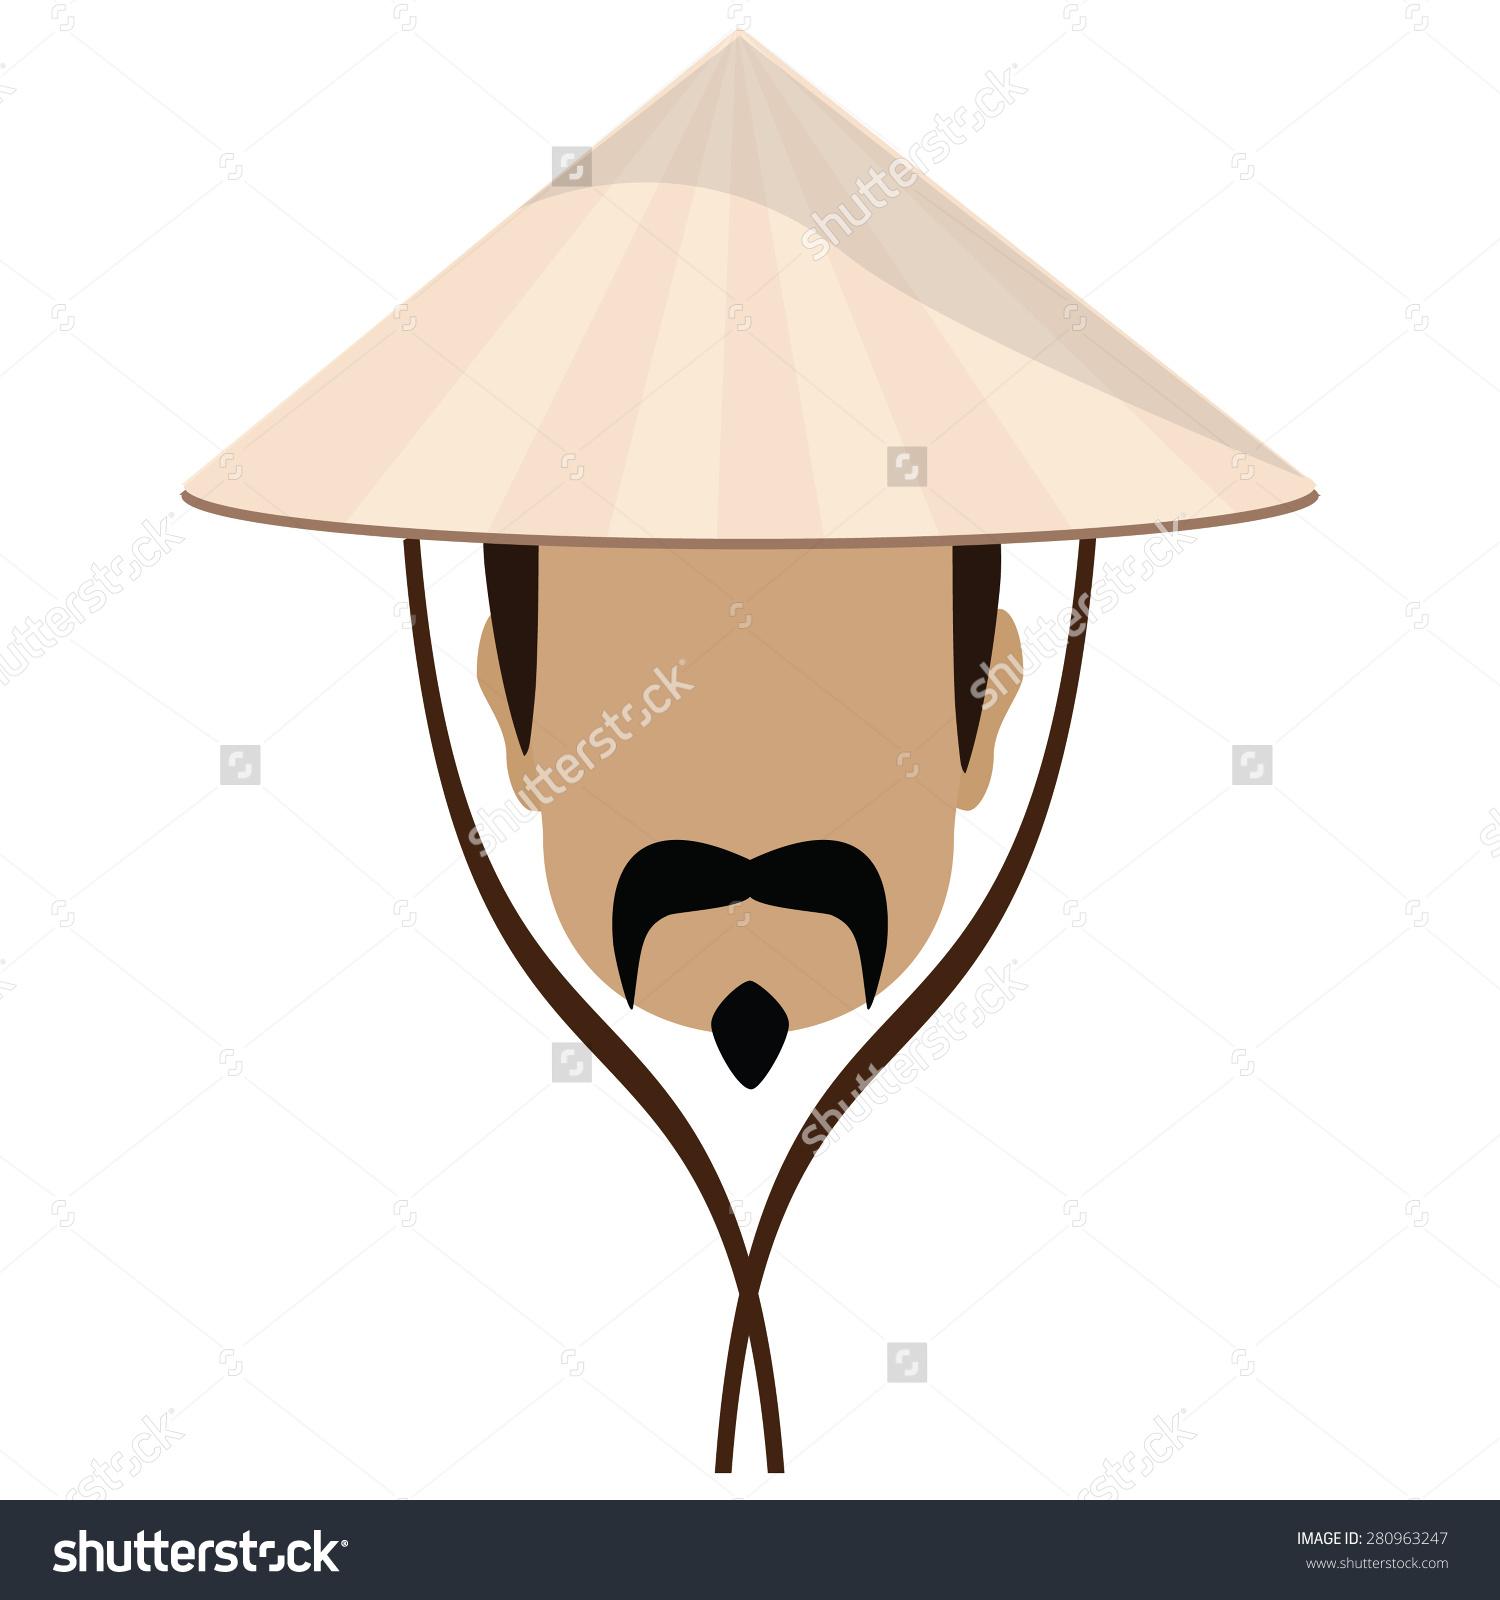 Asians clipart vietnam Clipart Asian hat clipart hat